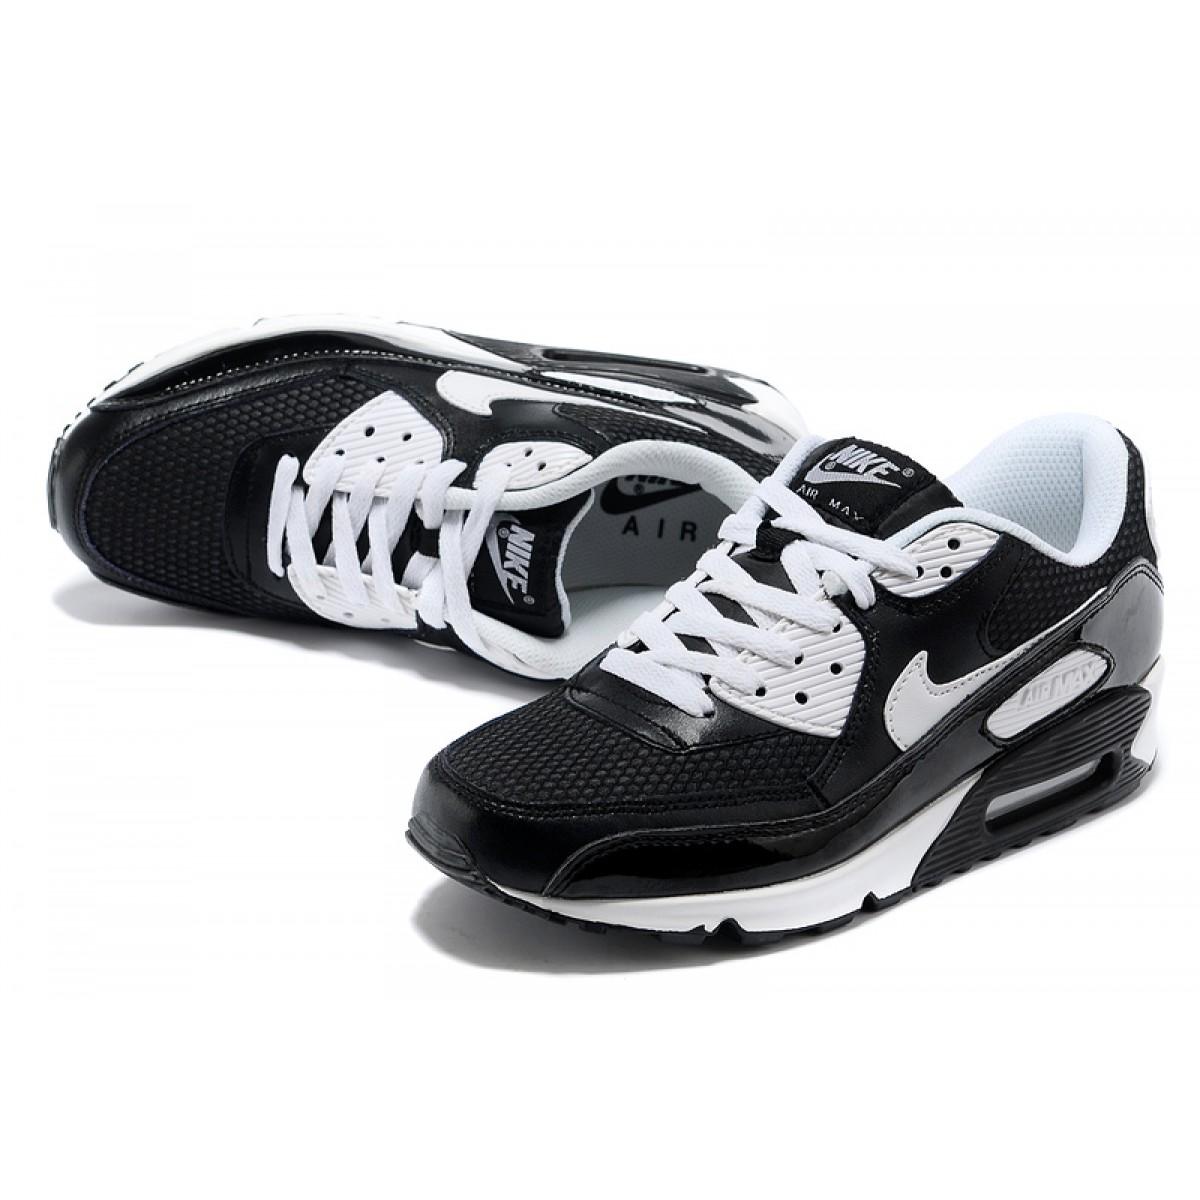 100% authentic 7ed74 9e4a9 Achat   Vente produits Nike Air Max 90 Femme Noir,Nike Air Max 90 Femme